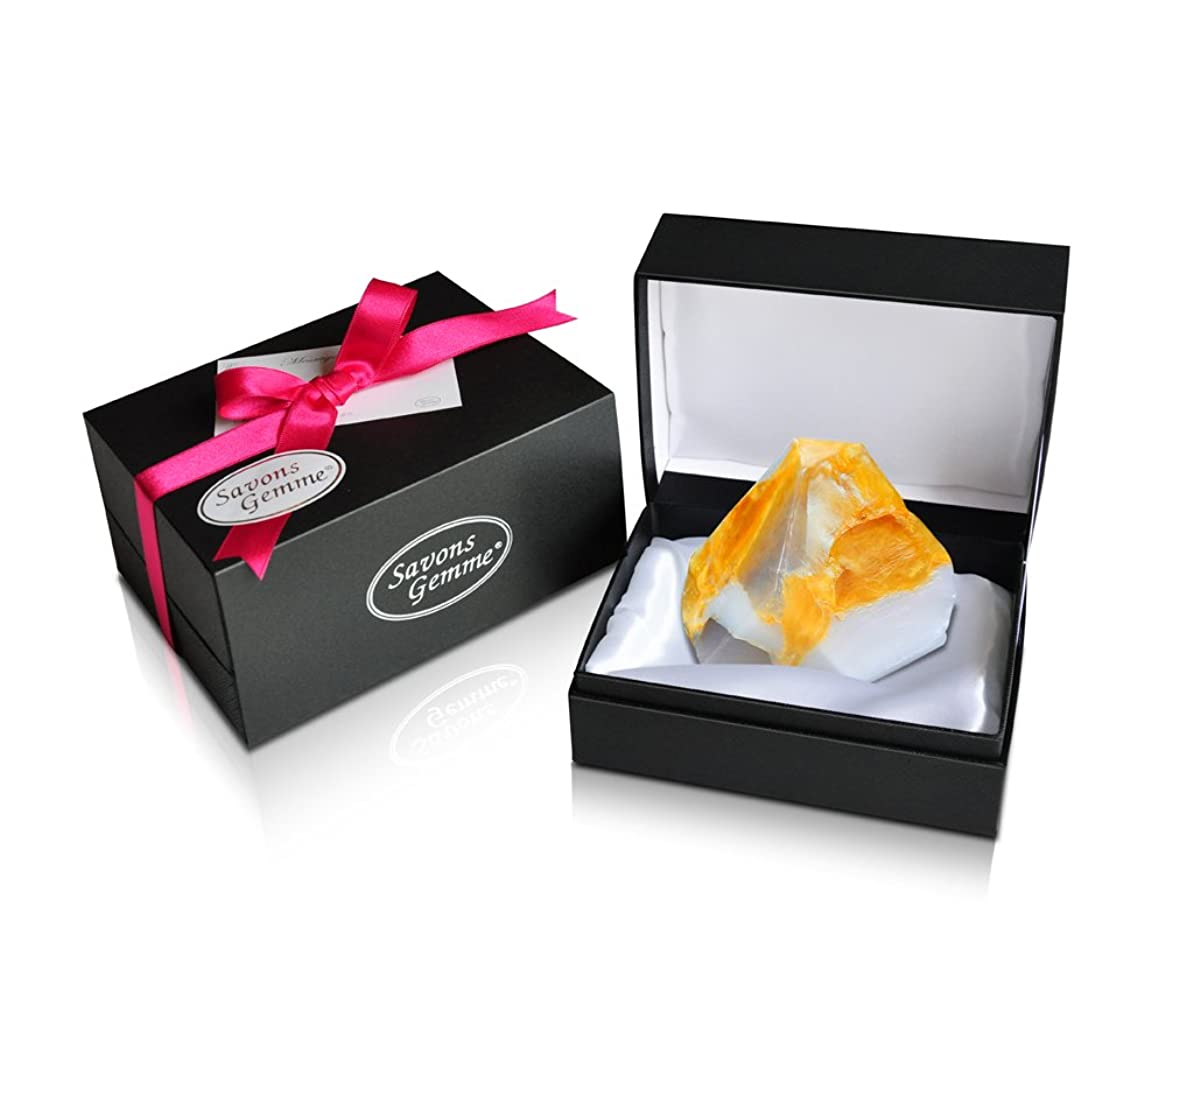 学期旅行者遮るSavons Gemme サボンジェム ジュエリーギフトボックス 世界で一番美しい宝石石鹸 フレグランス ソープ 宝石箱のようなラグジュアリー感を演出 アルバトールオリエンタル 170g 【日本総代理店品】